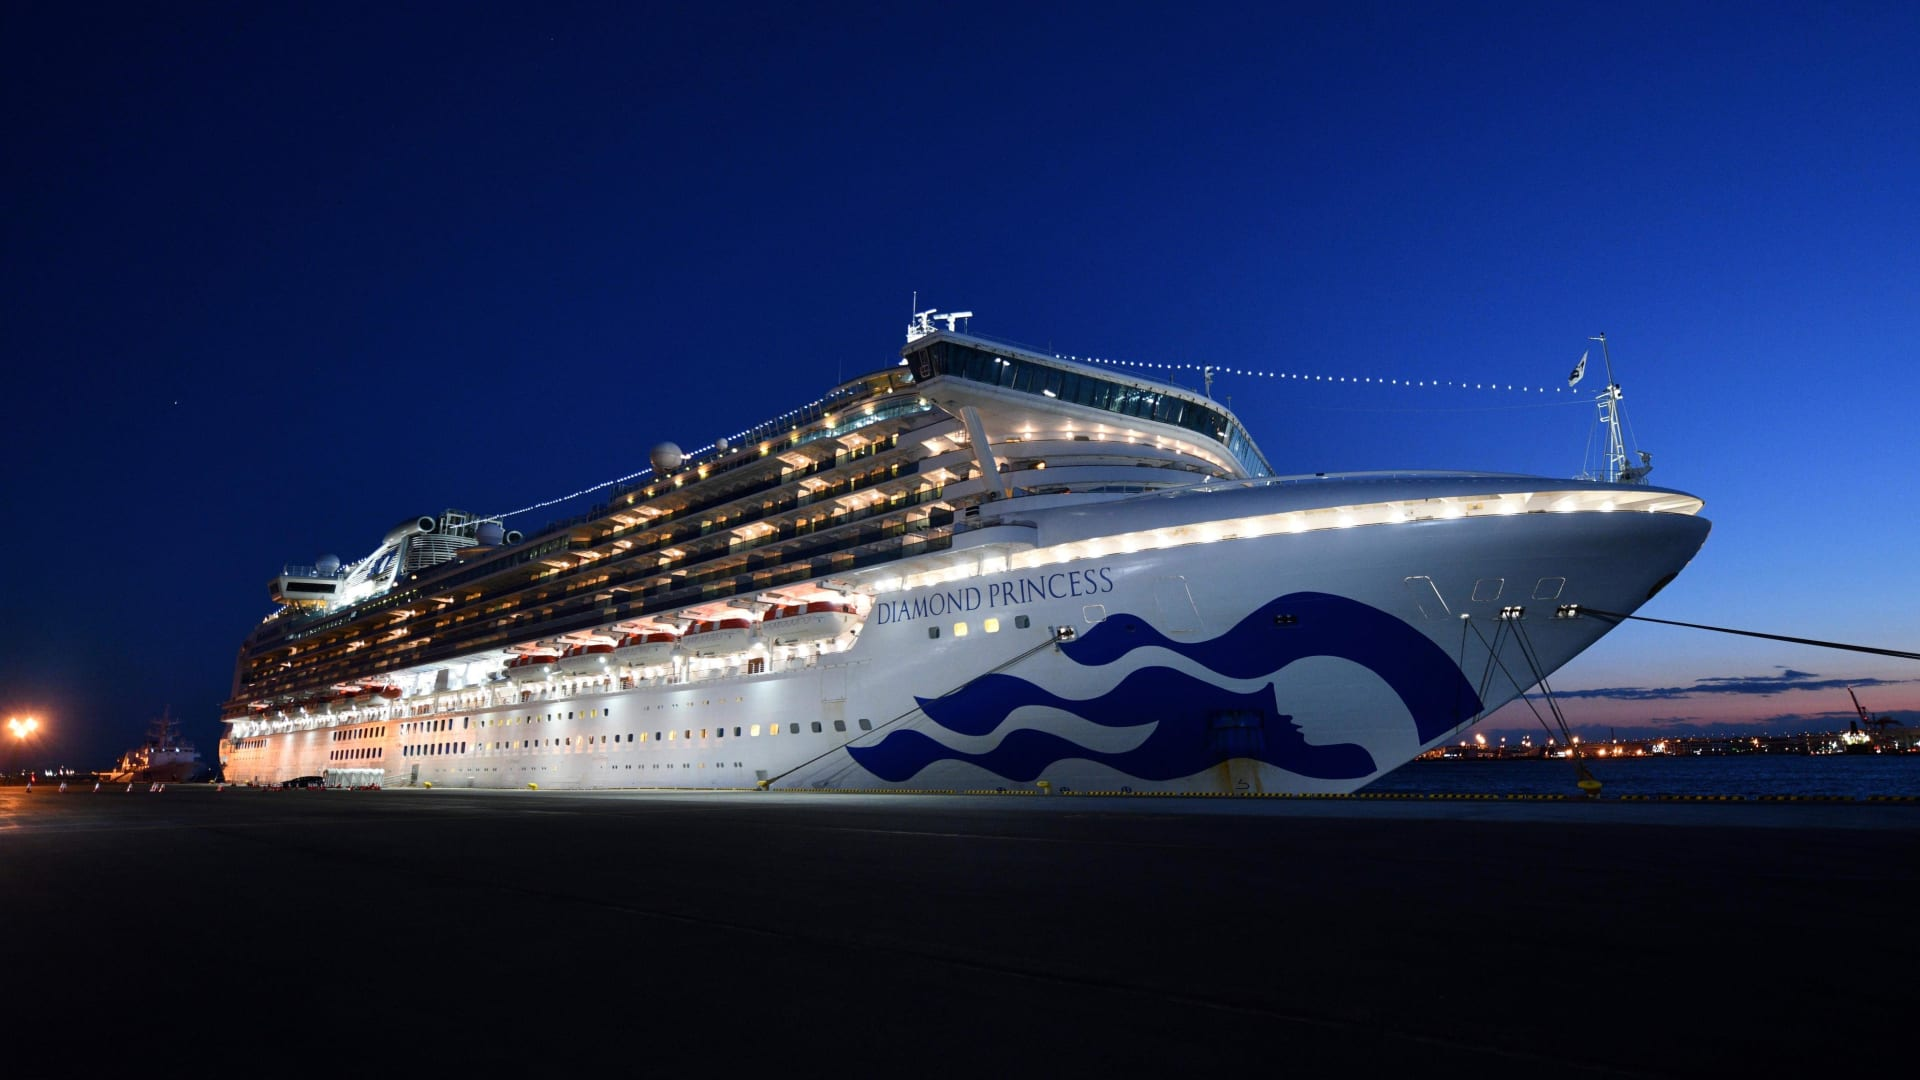 حفلة بالقفاطين على متن هذه السفينة..هل تحجز لرحلتك البحرية؟